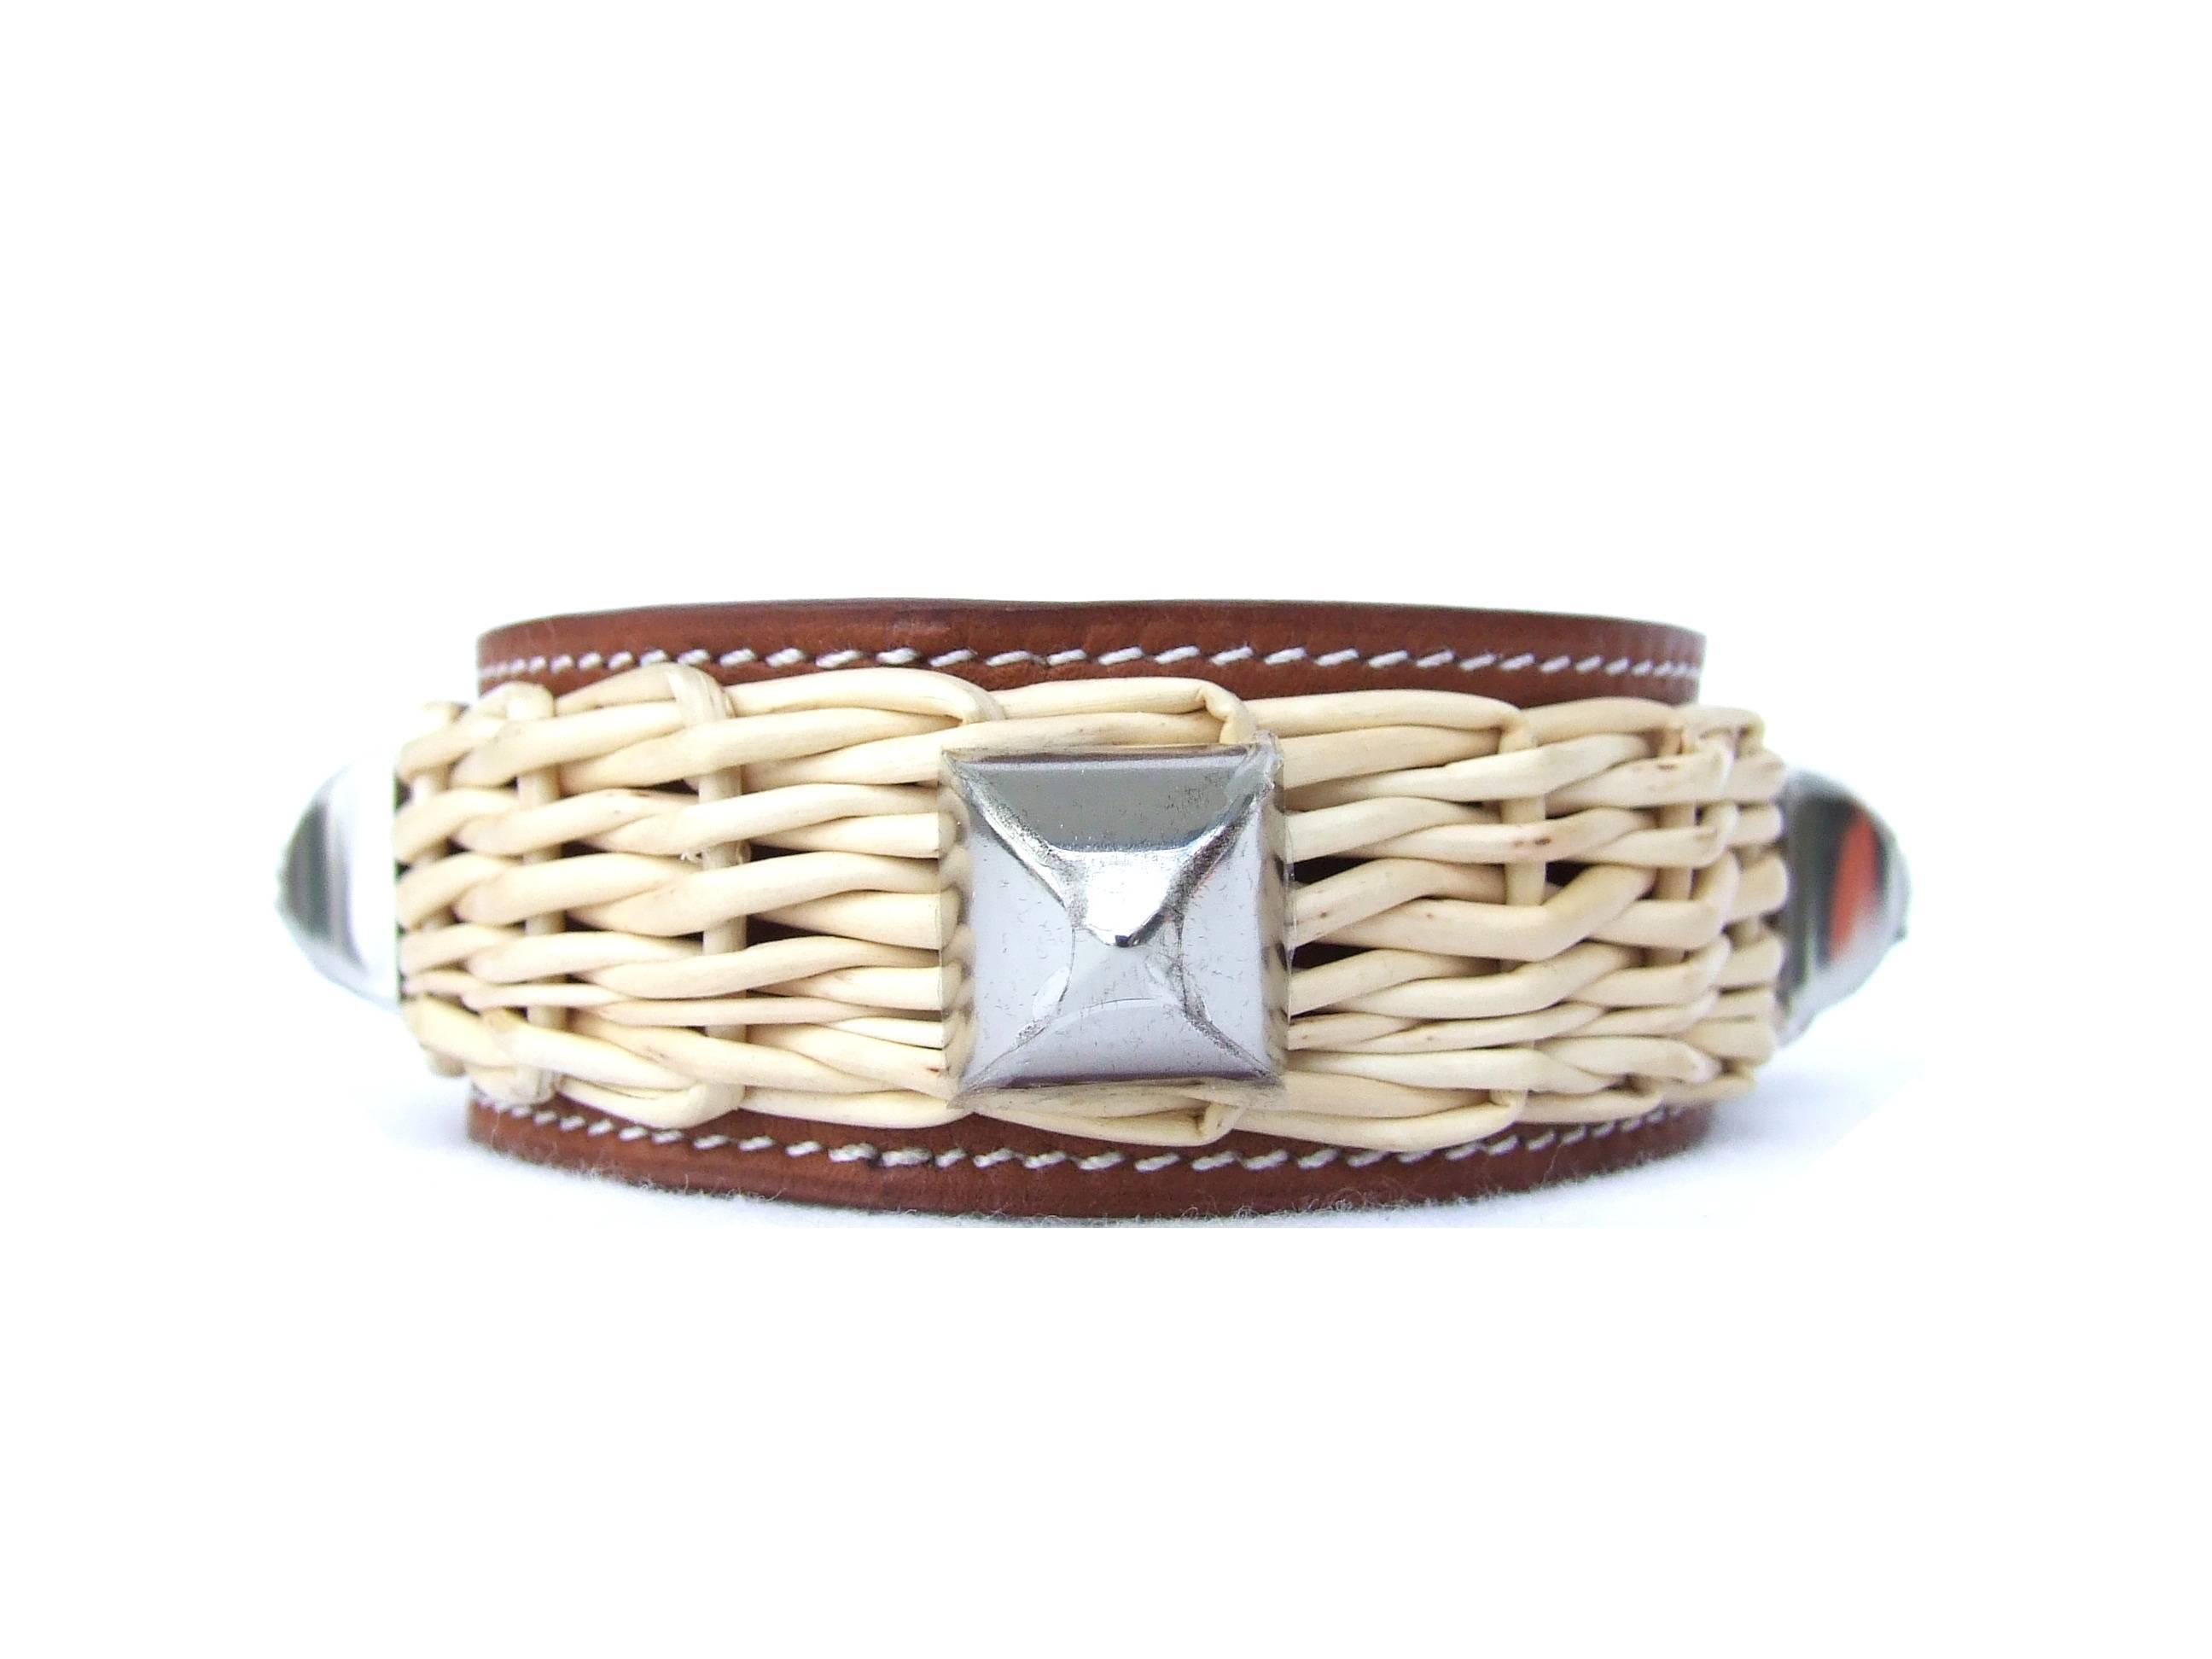 c9e560e617b81 where can i buy hermes wicker bracelet 45d72 cb943